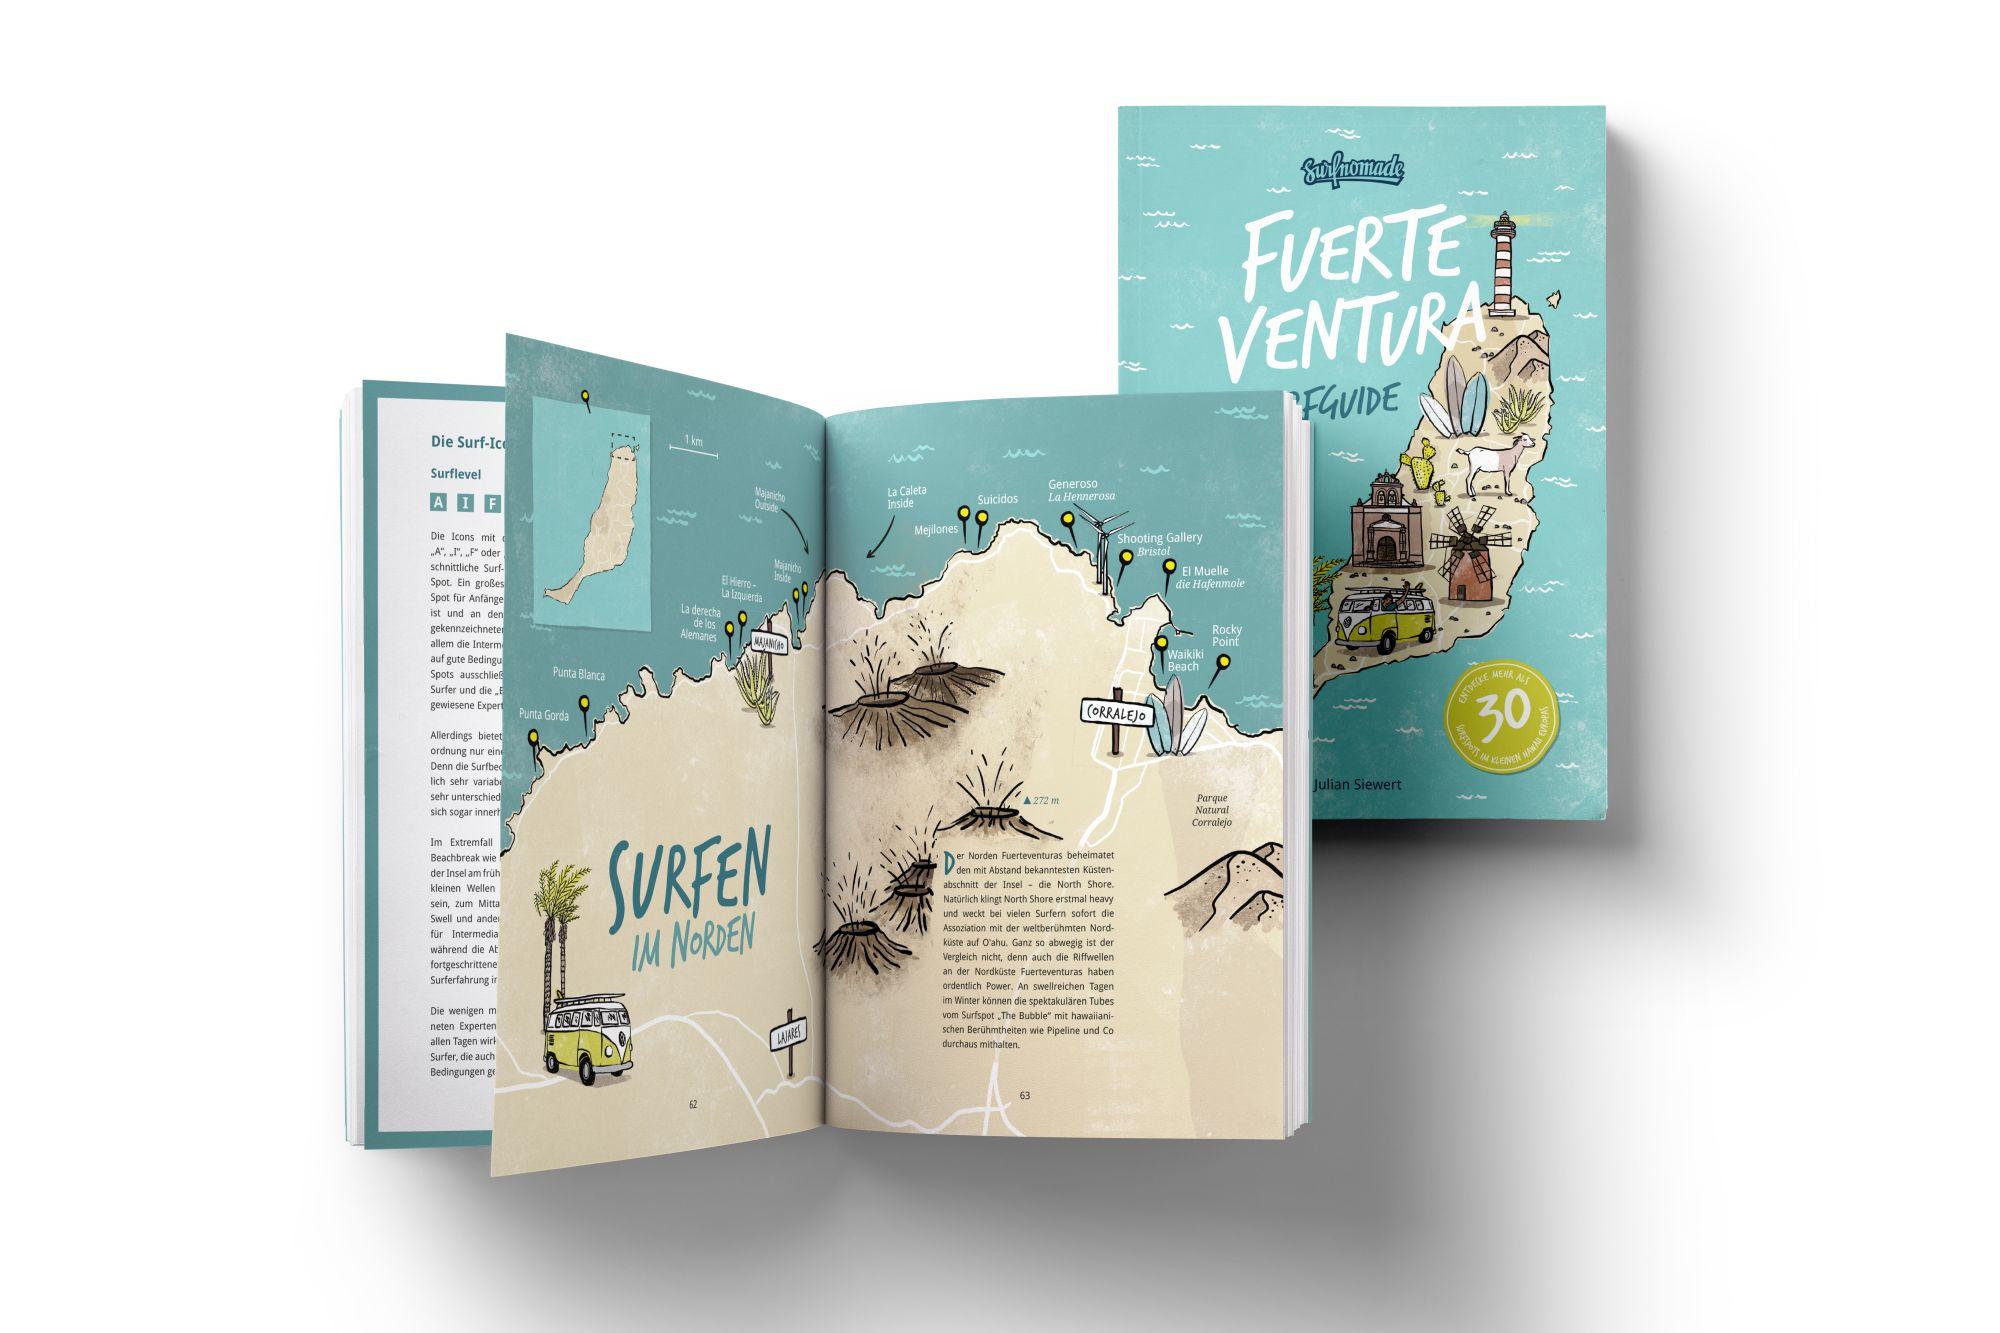 Der Surfguide Fuerteventura ist nicht nur informativ, sondern auch wunderschön illustriert.